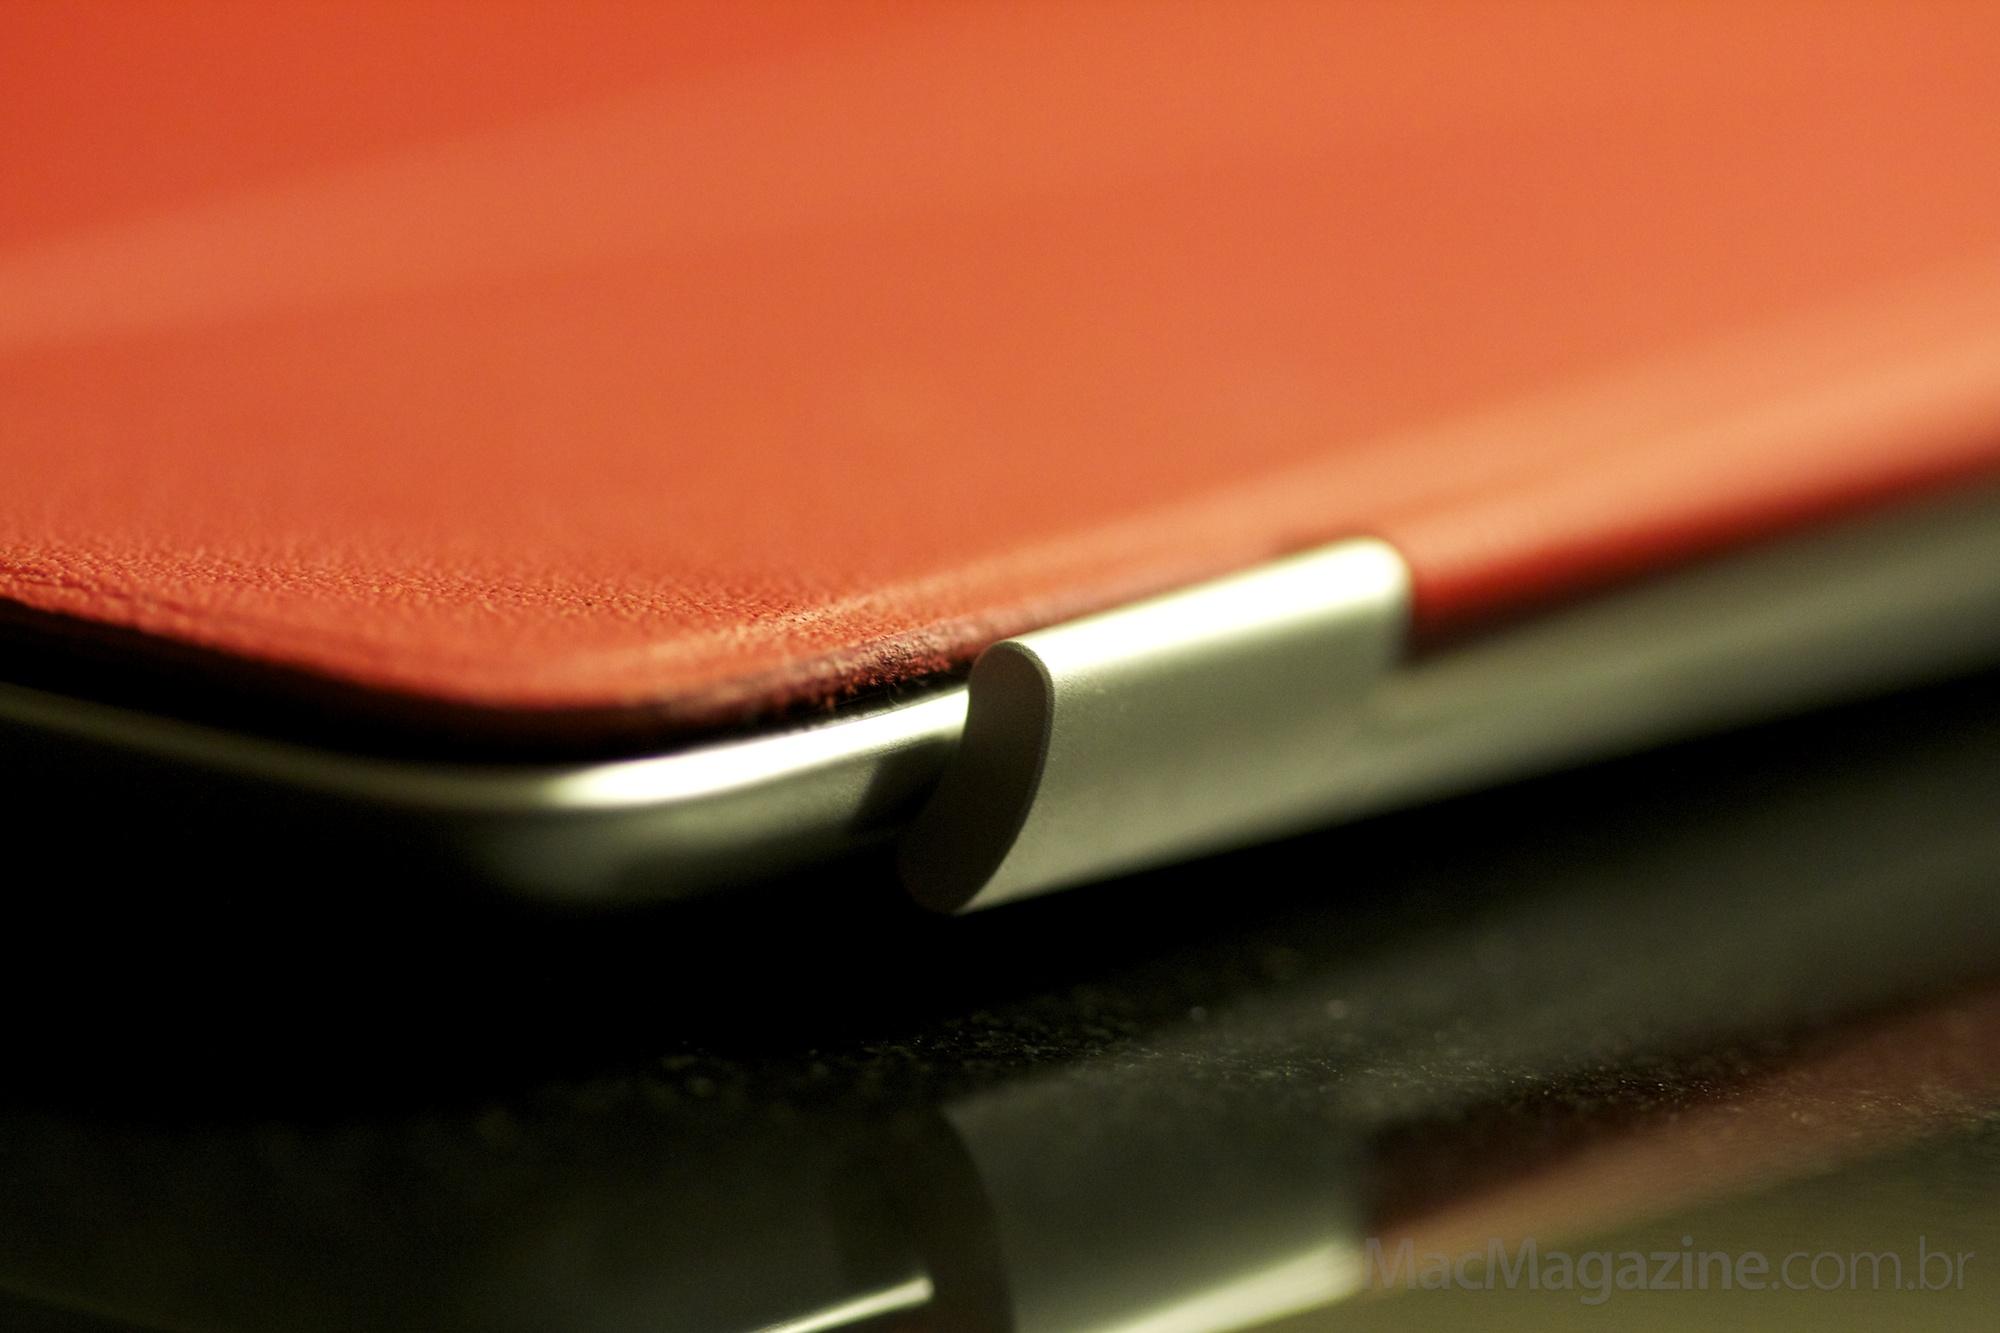 Foto macro do novo iPad com Smart Cover vermelha